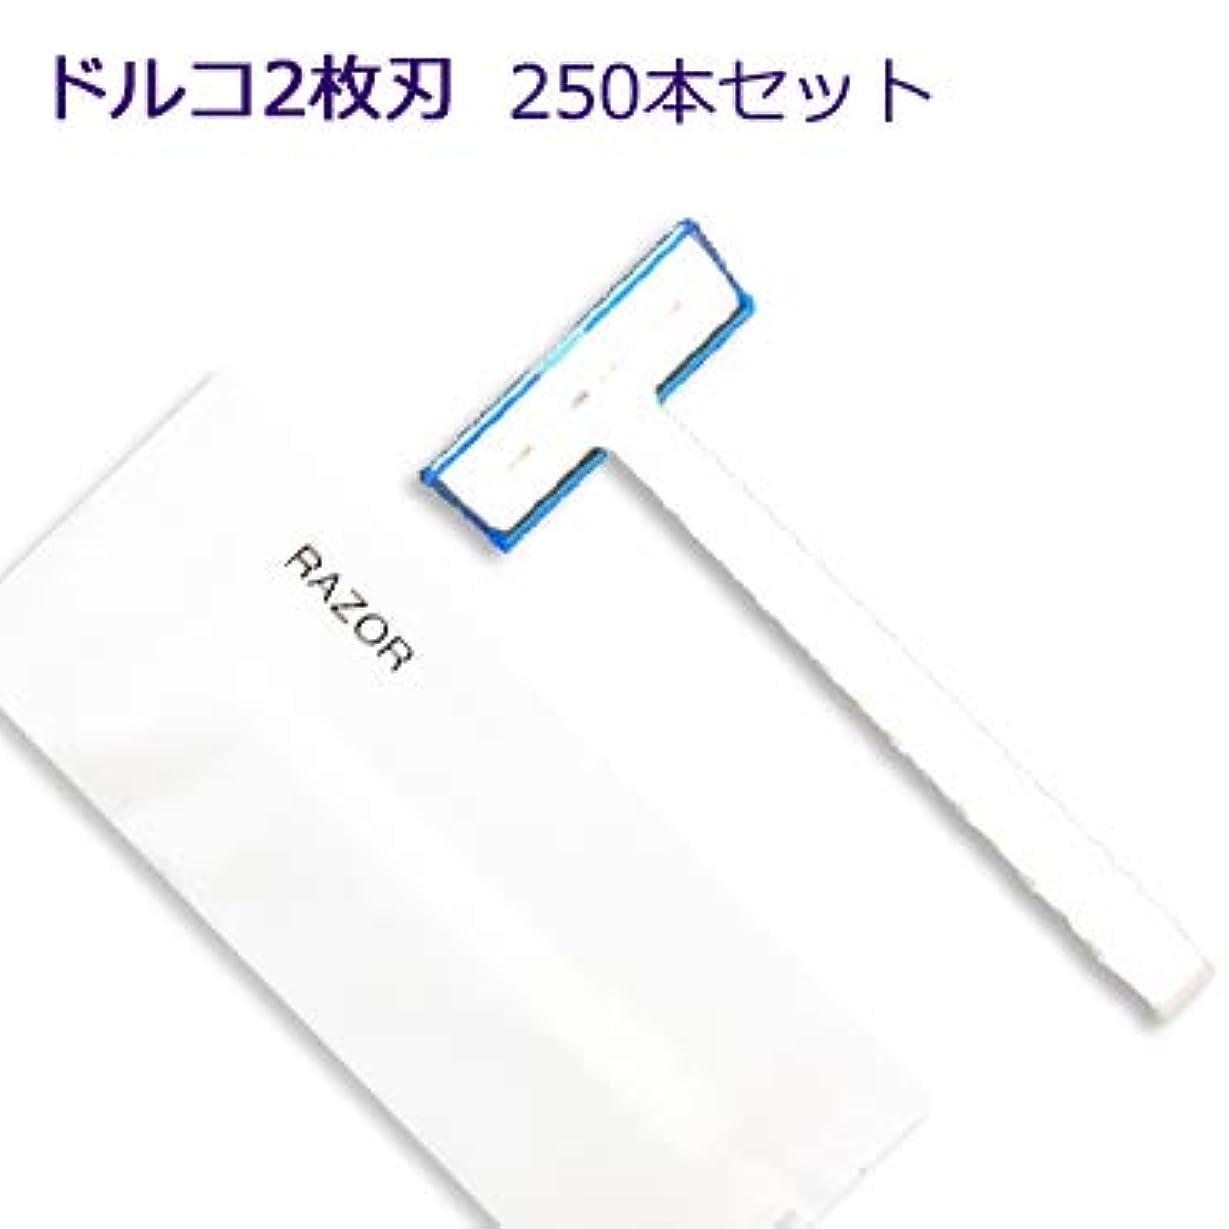 優雅かもしれないポジティブホテル業務用 カミソリ マットシリーズ ドルコ 2枚刃 (1セット250個入)